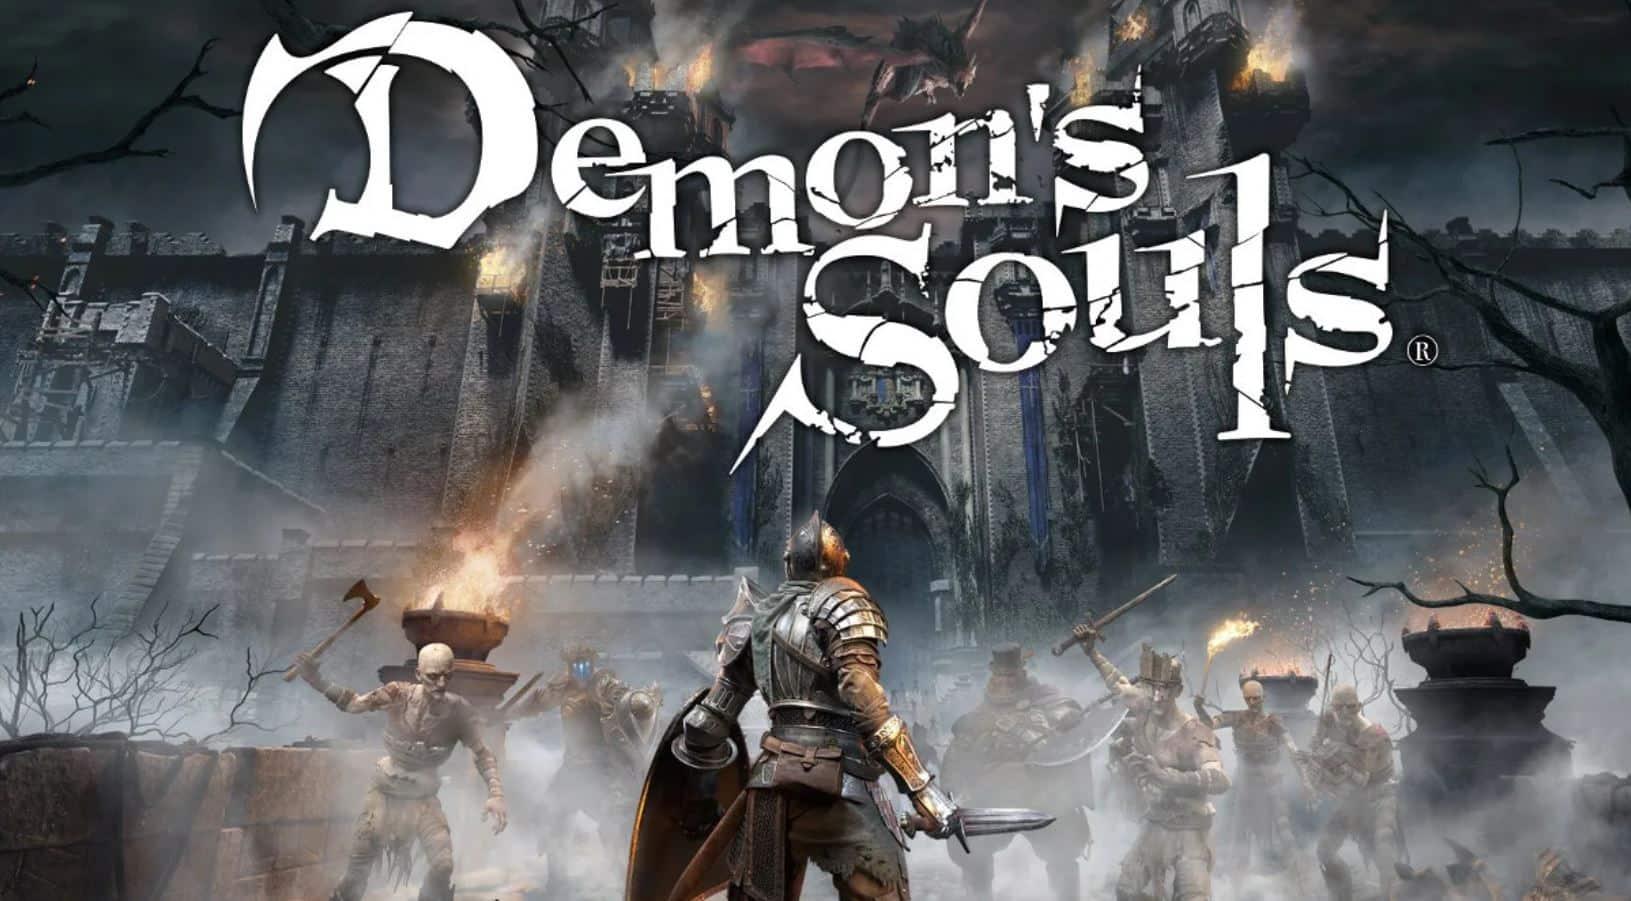 موسیقی بازیها: موسیقیهای متن بازی Demon's Souls Remake